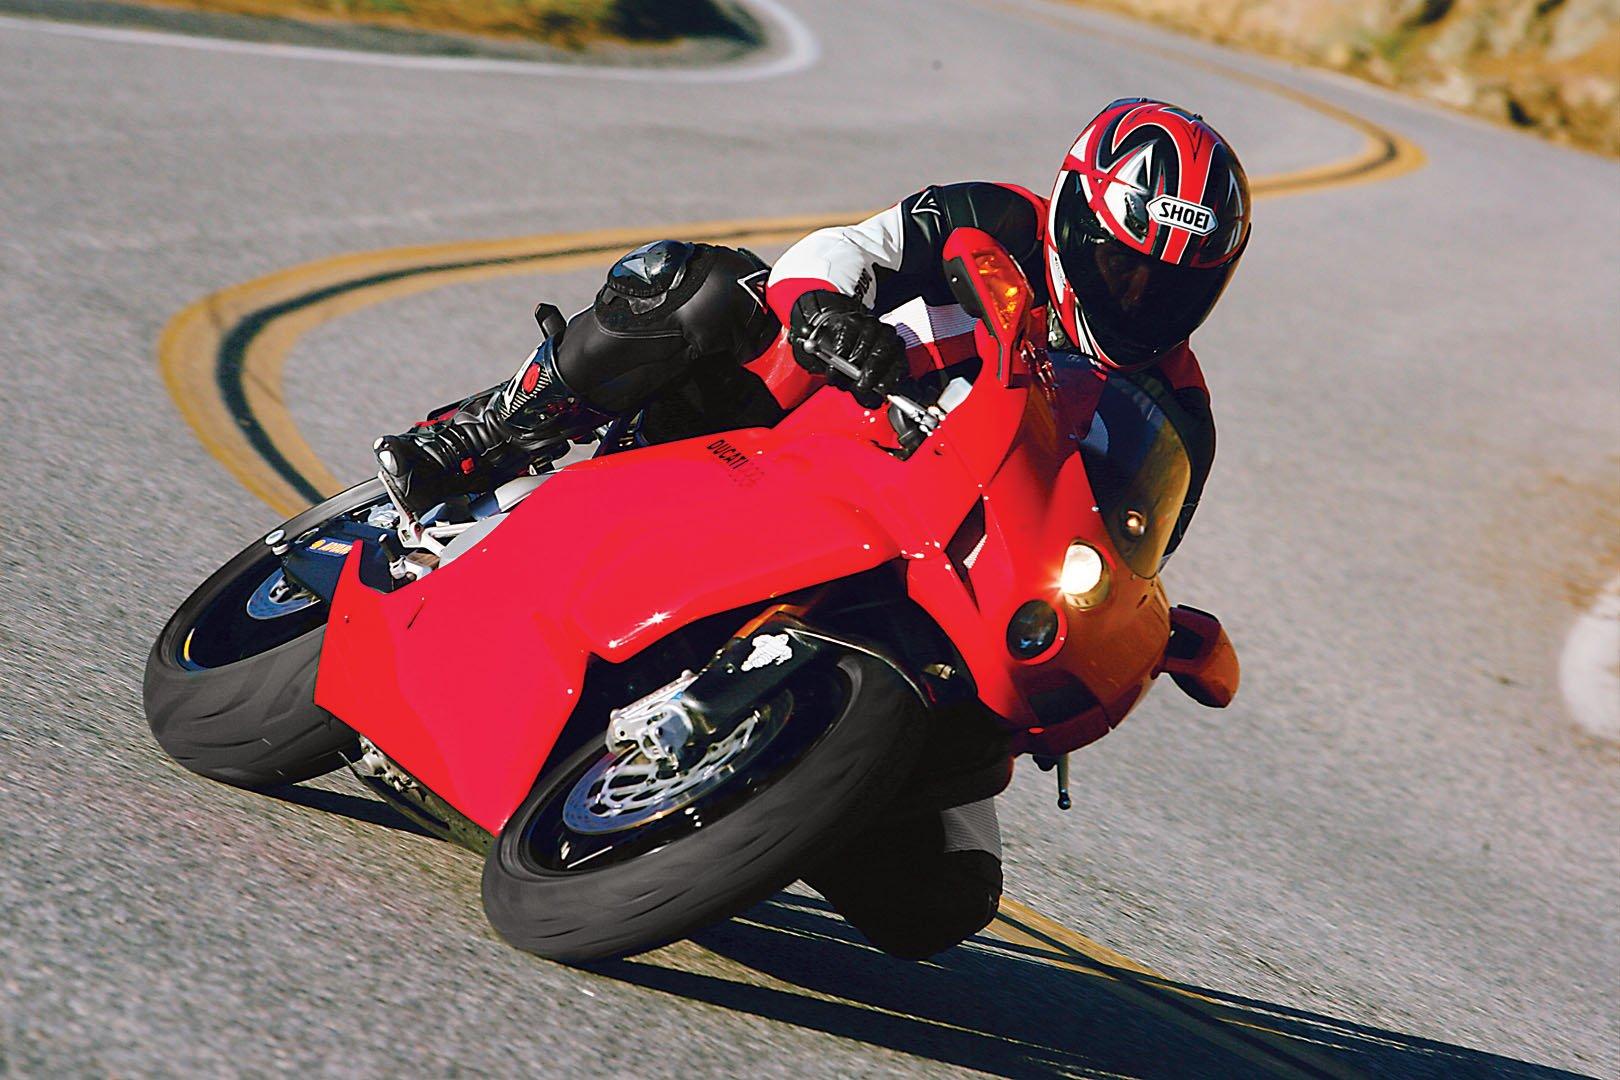 Ducati 999R Review